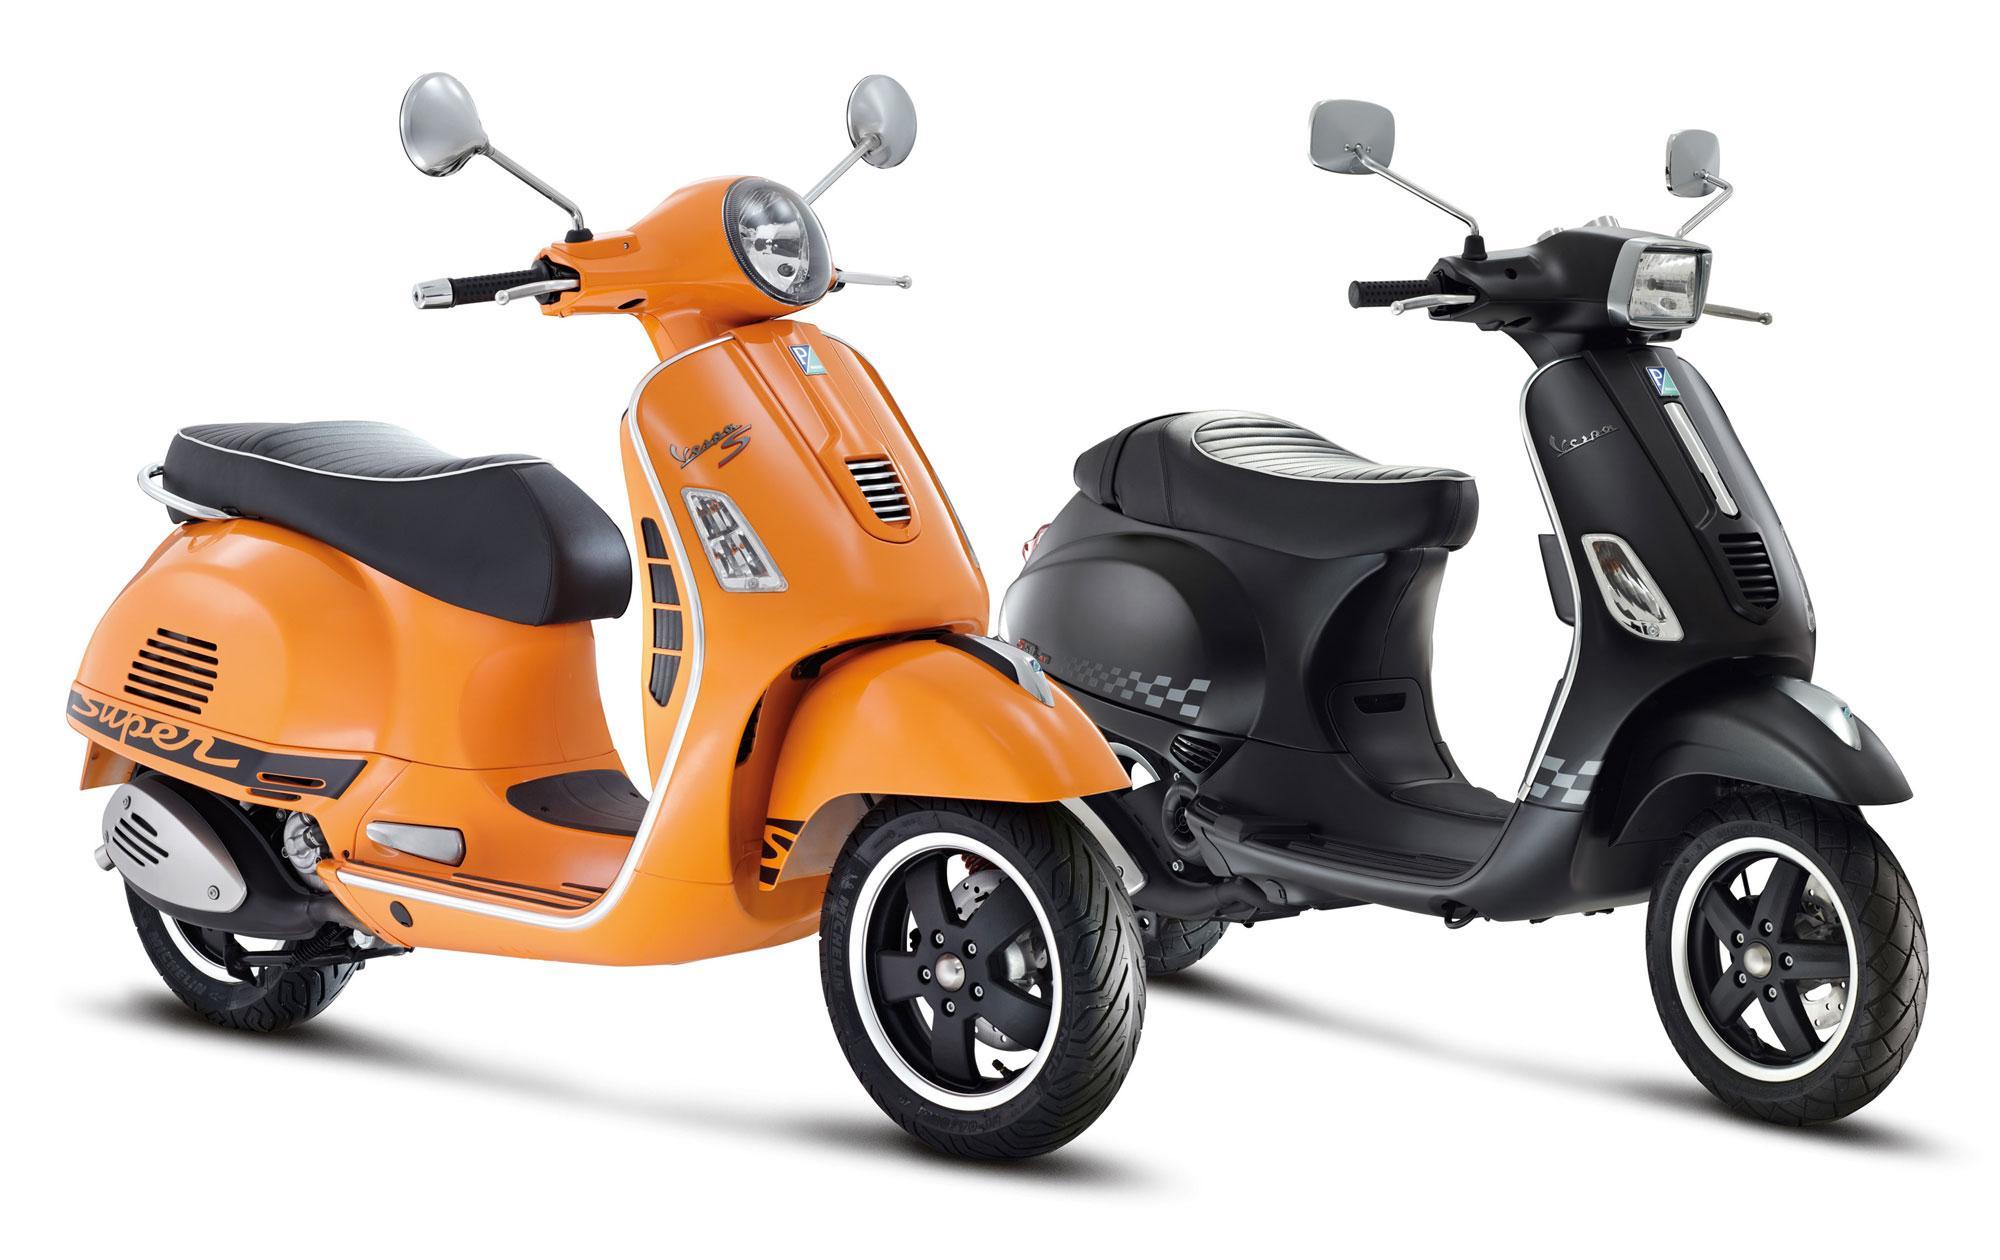 Vespa Gt200  Gts250  Gts300  Lx4t  Lx50 Factory Service  U0026 Shop